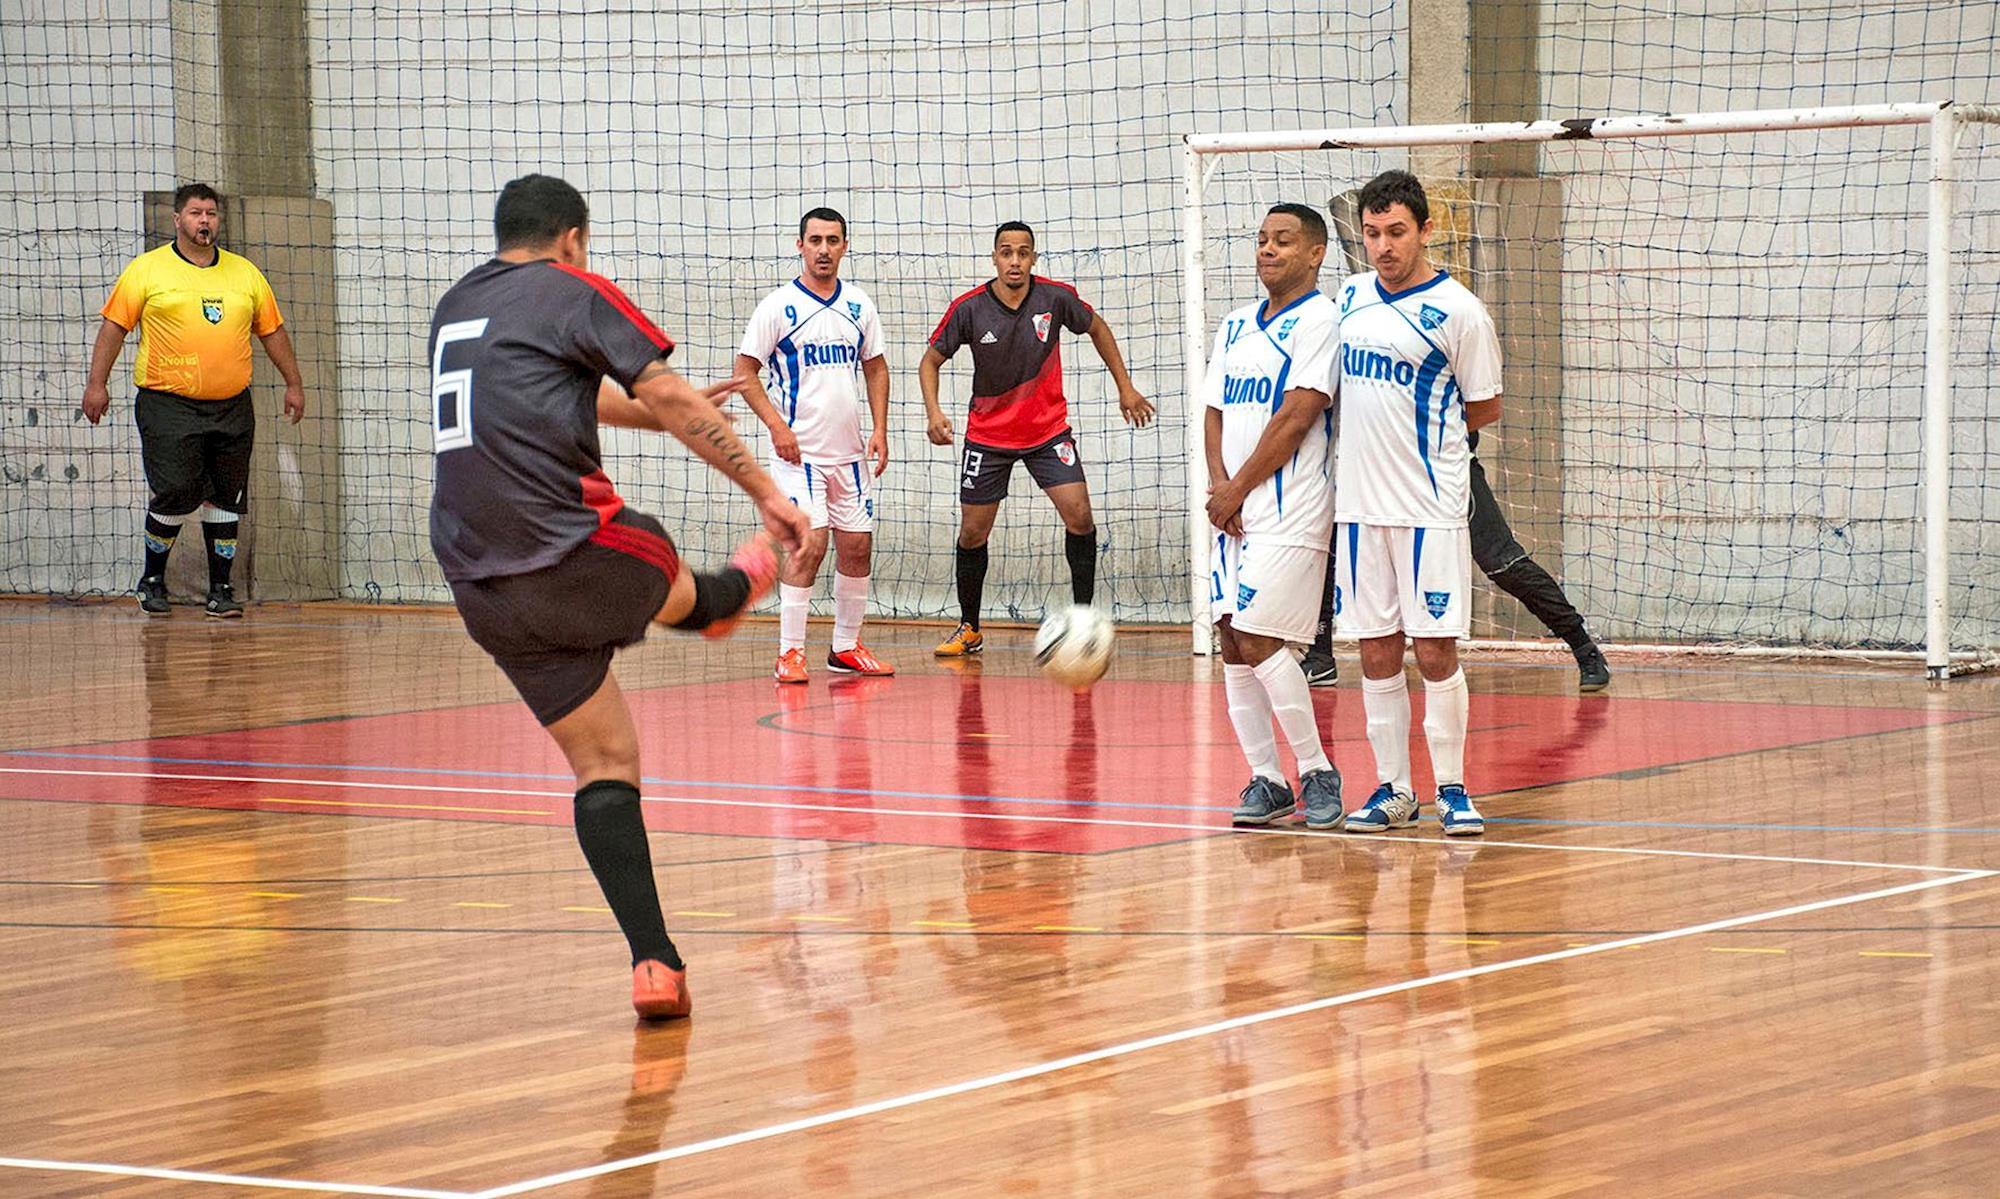 jogo, futsal, papagaio, torneio, clube, ginásio, partida,, Foguinho/Imprensa SMetal